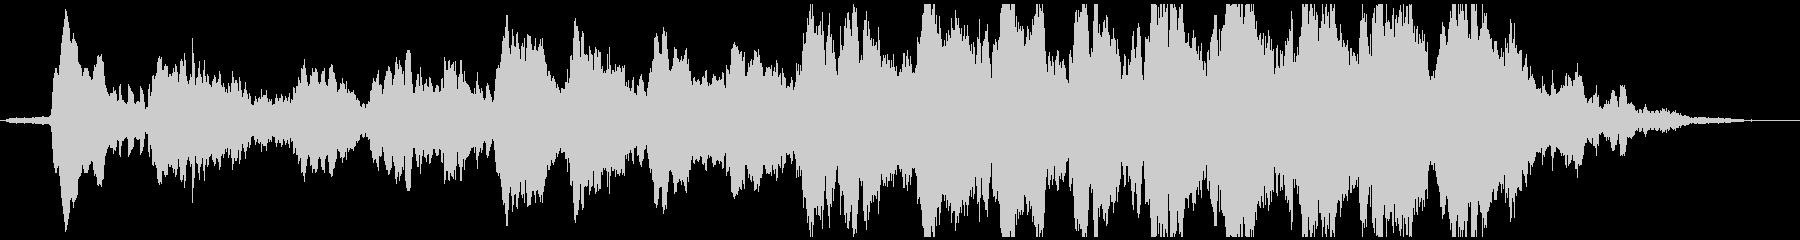 室内楽 プログレッシブ 交響曲 広...の未再生の波形